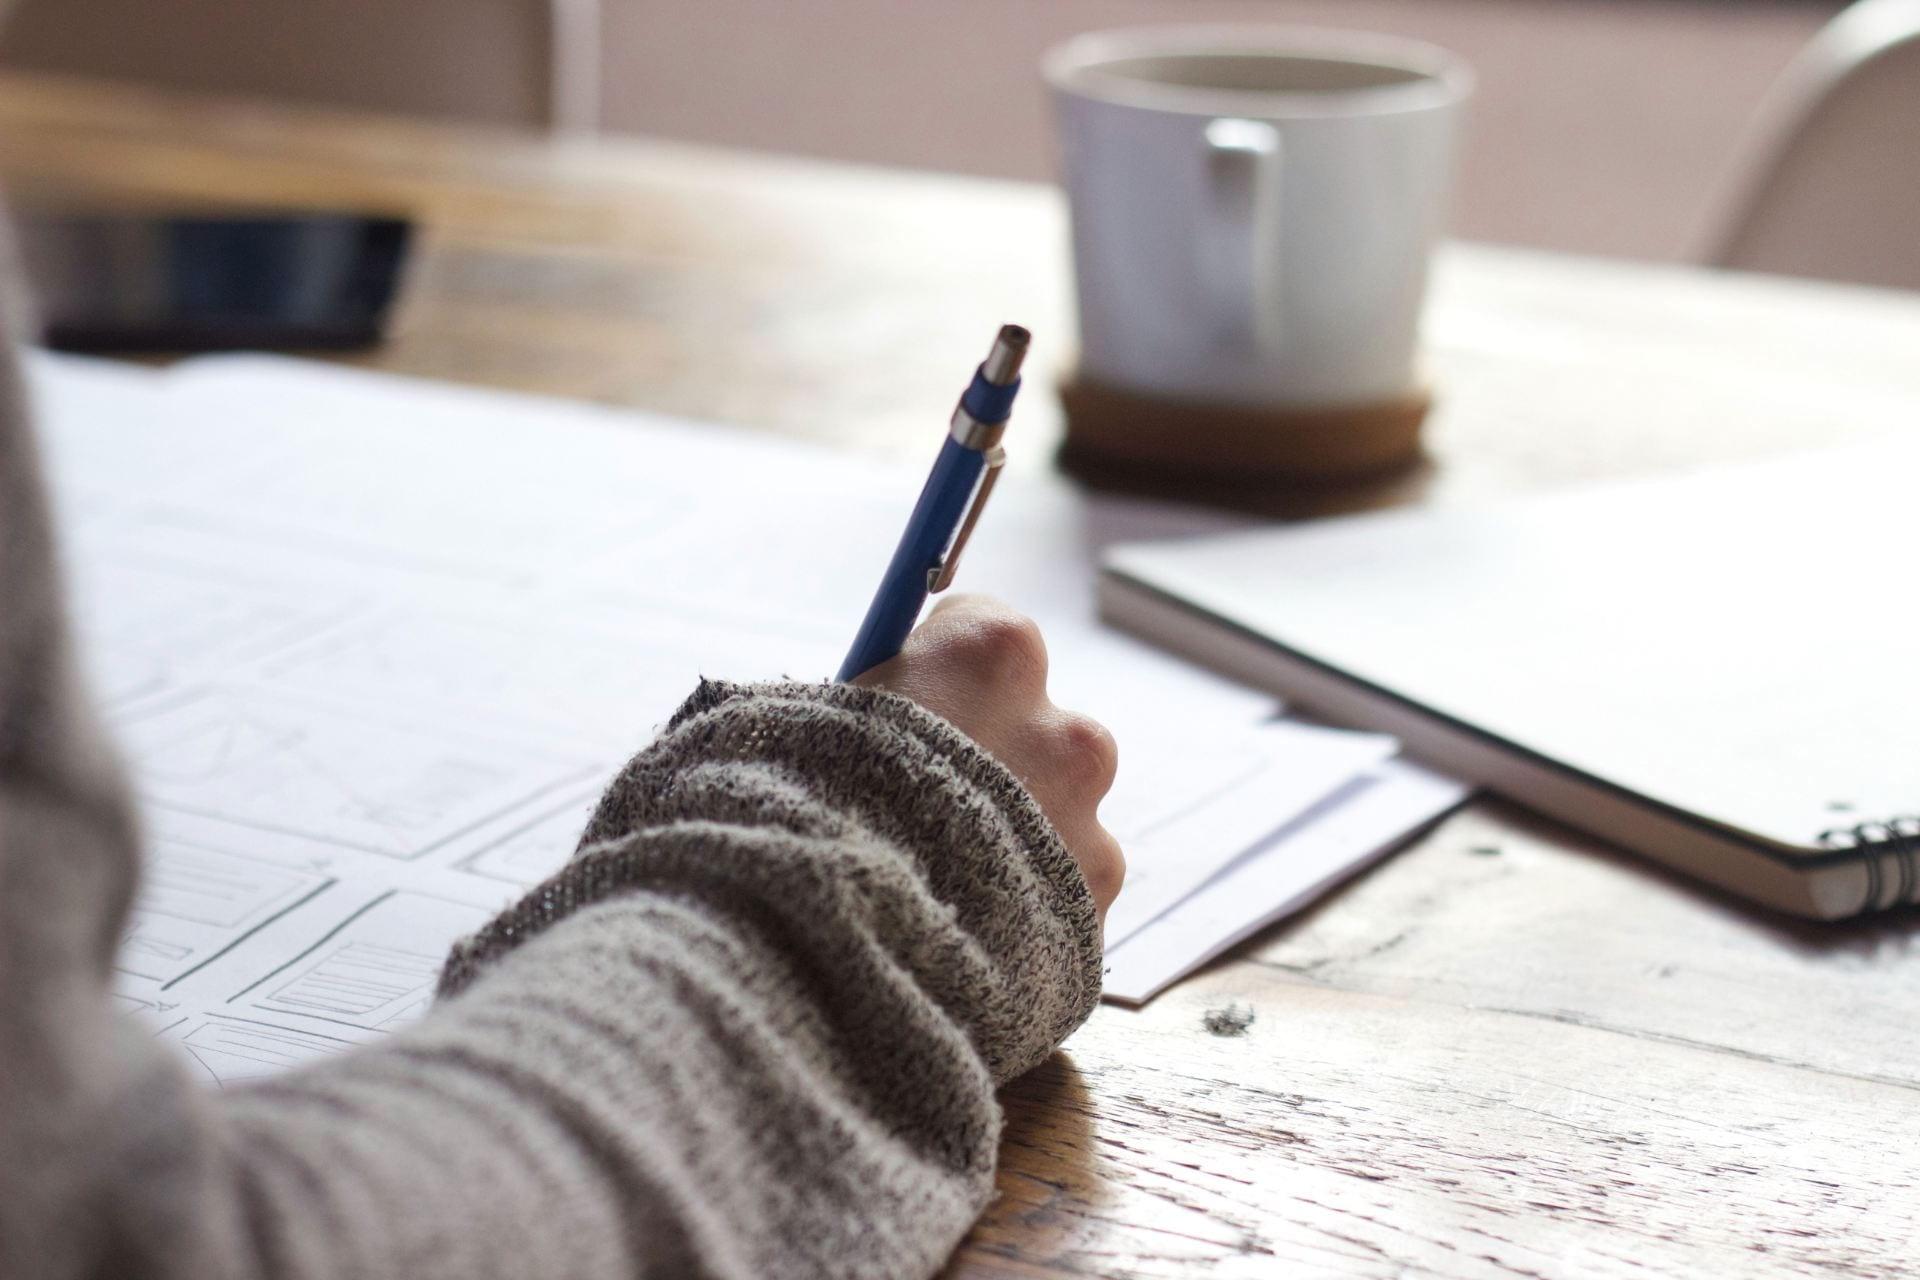 Order social studies papers